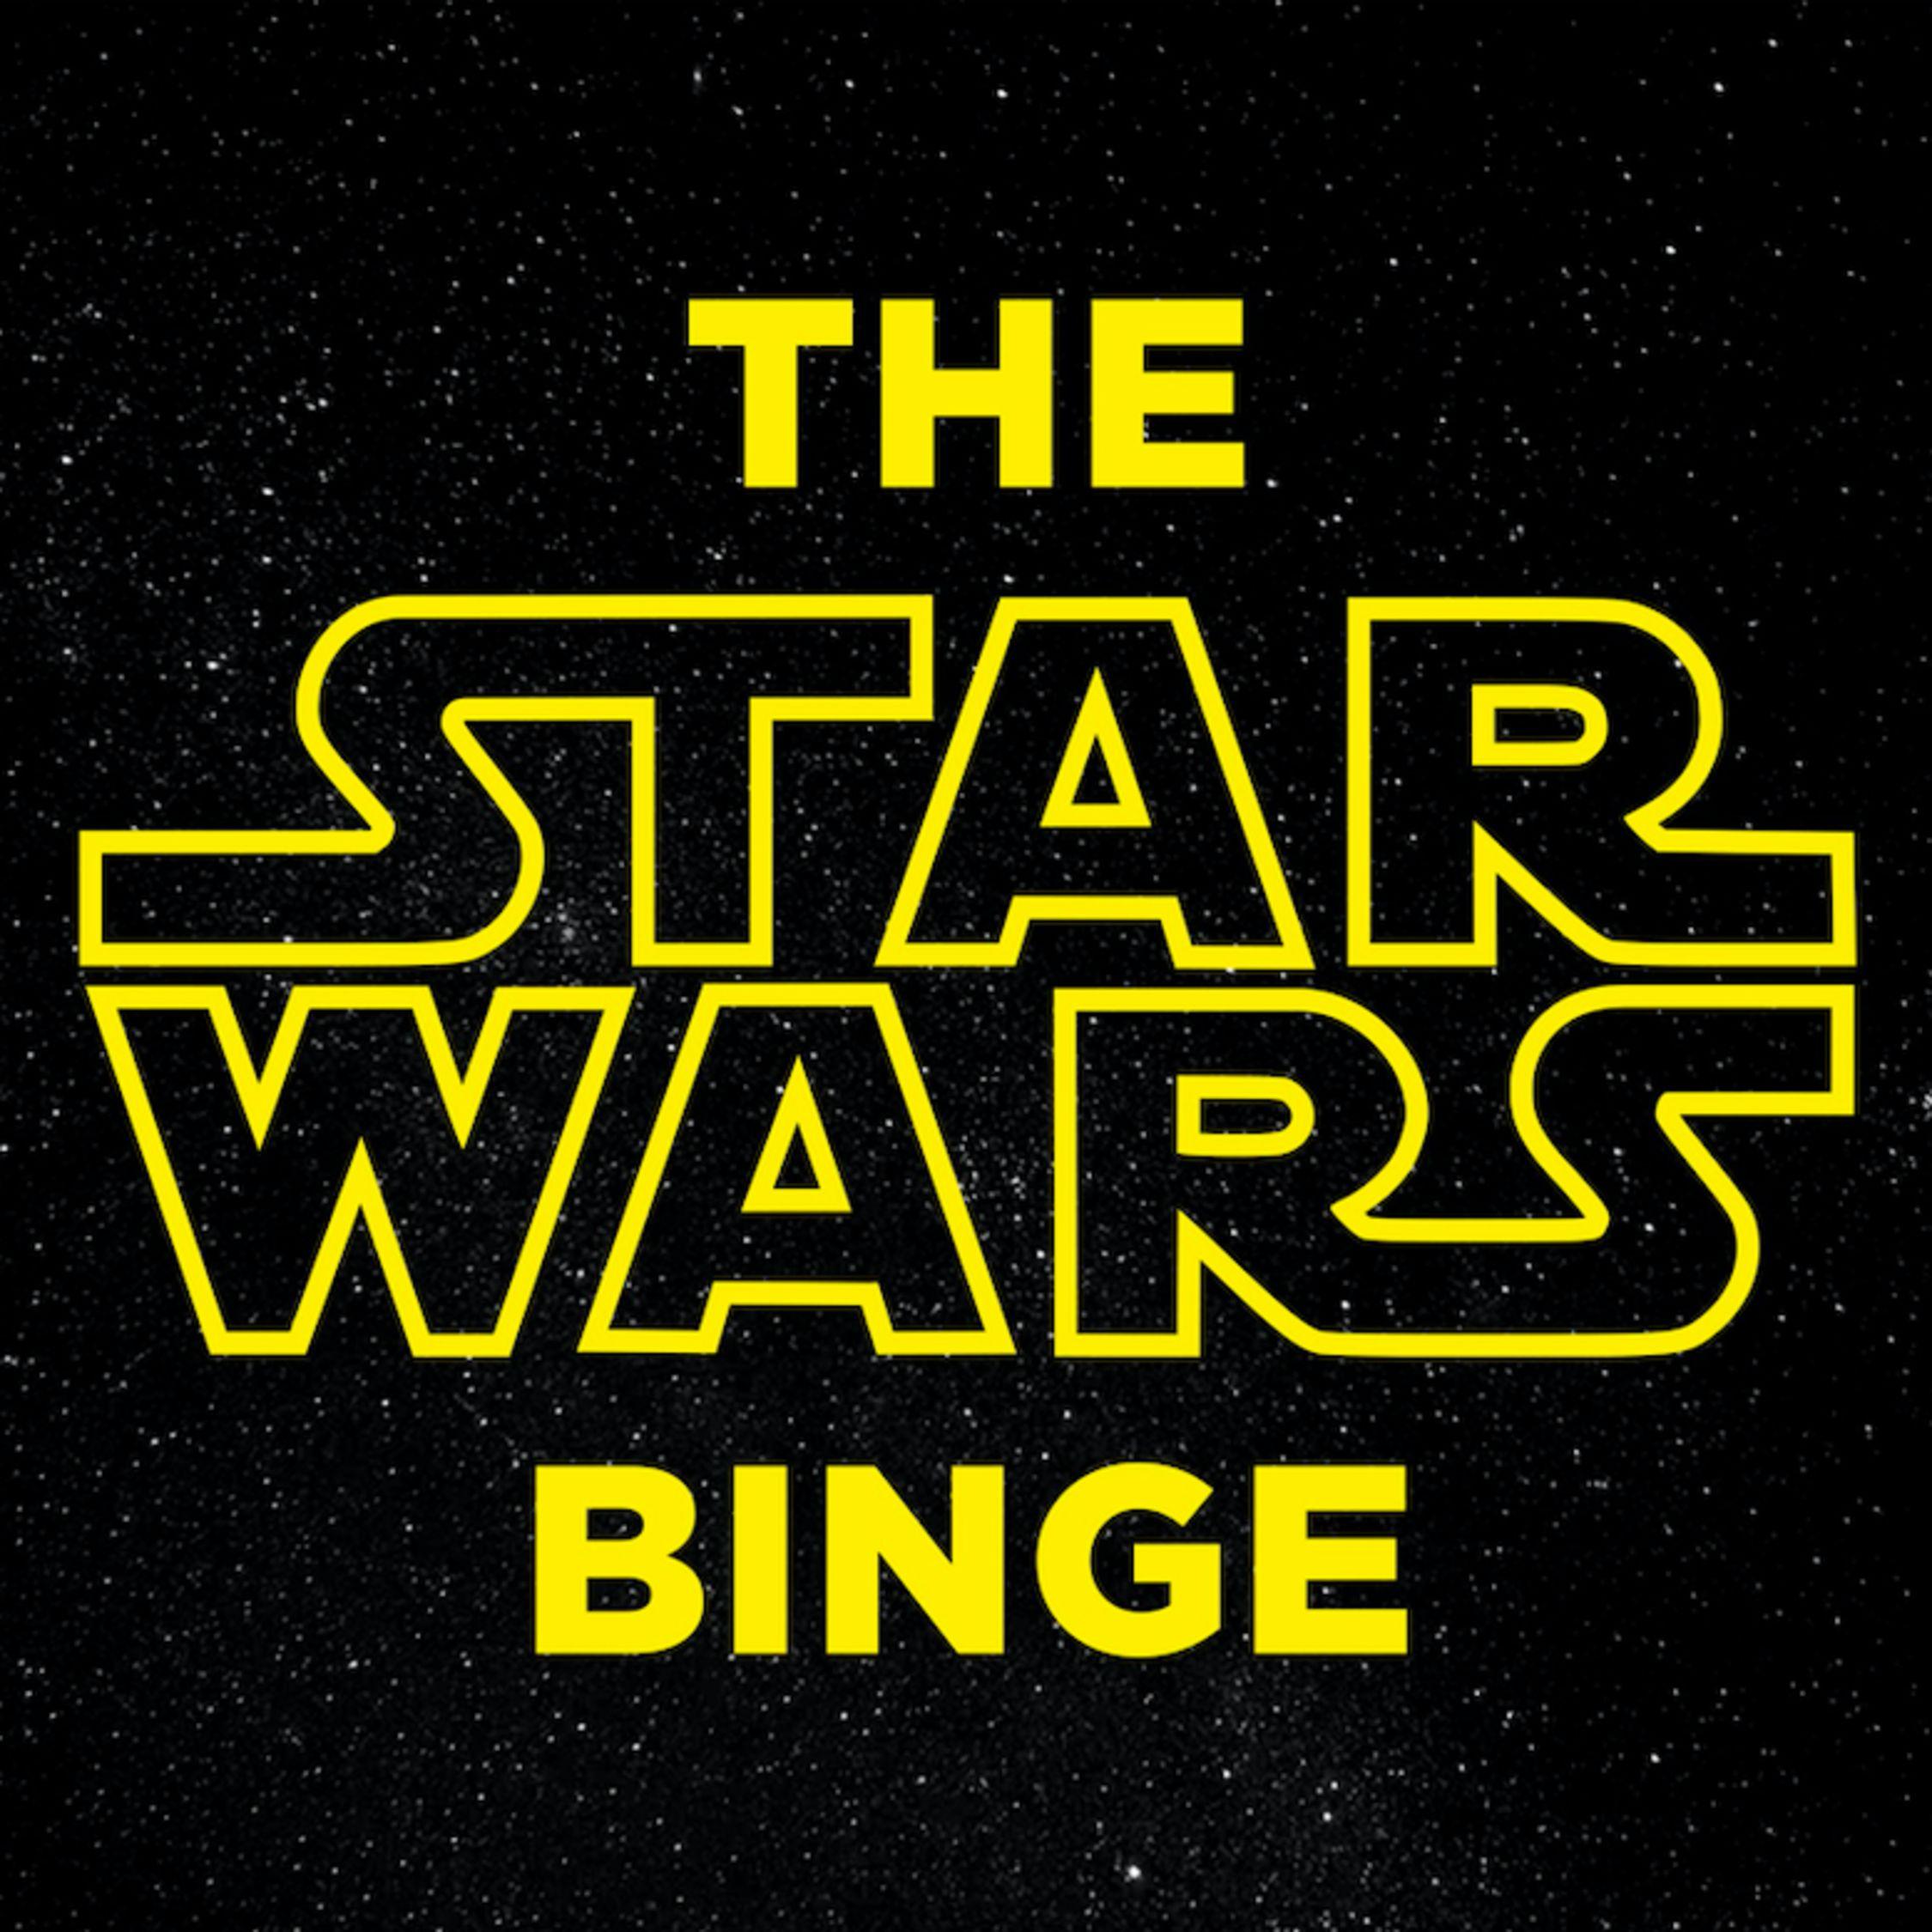 Artwork for podcast Star Wars Binge